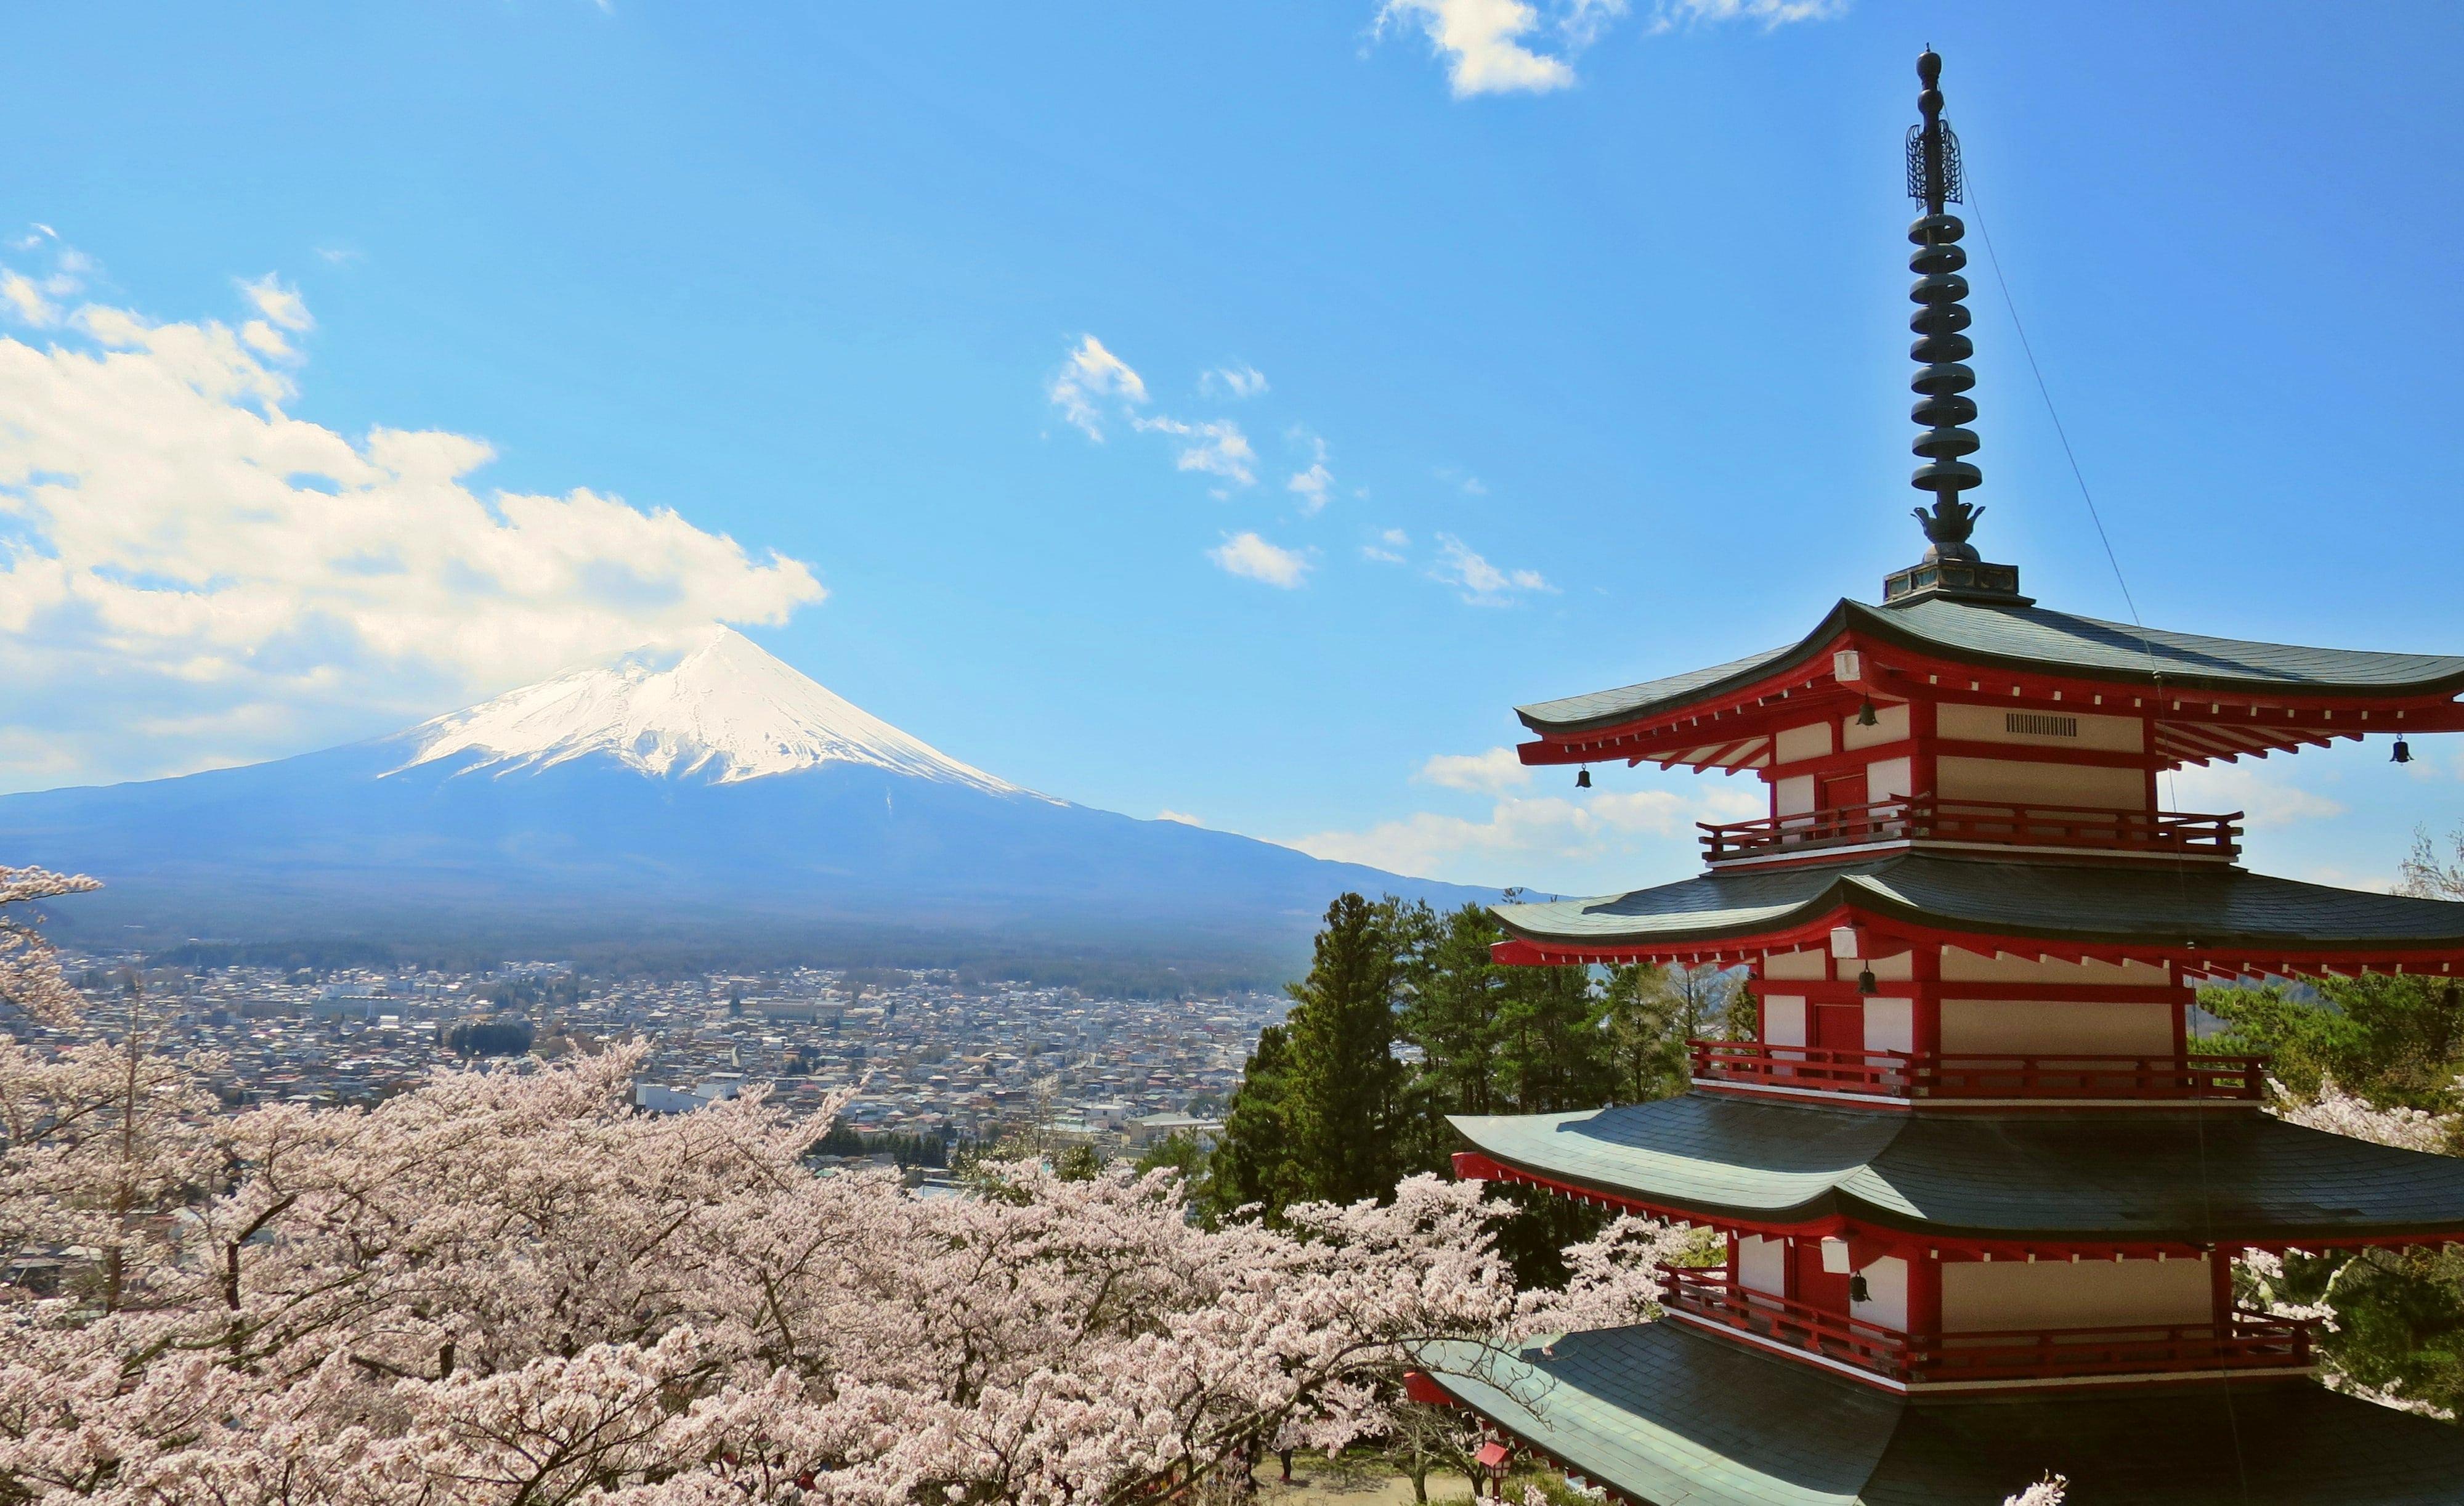 櫻花+富士山+忠靈塔!「新倉山淺間公園」交通景點整理